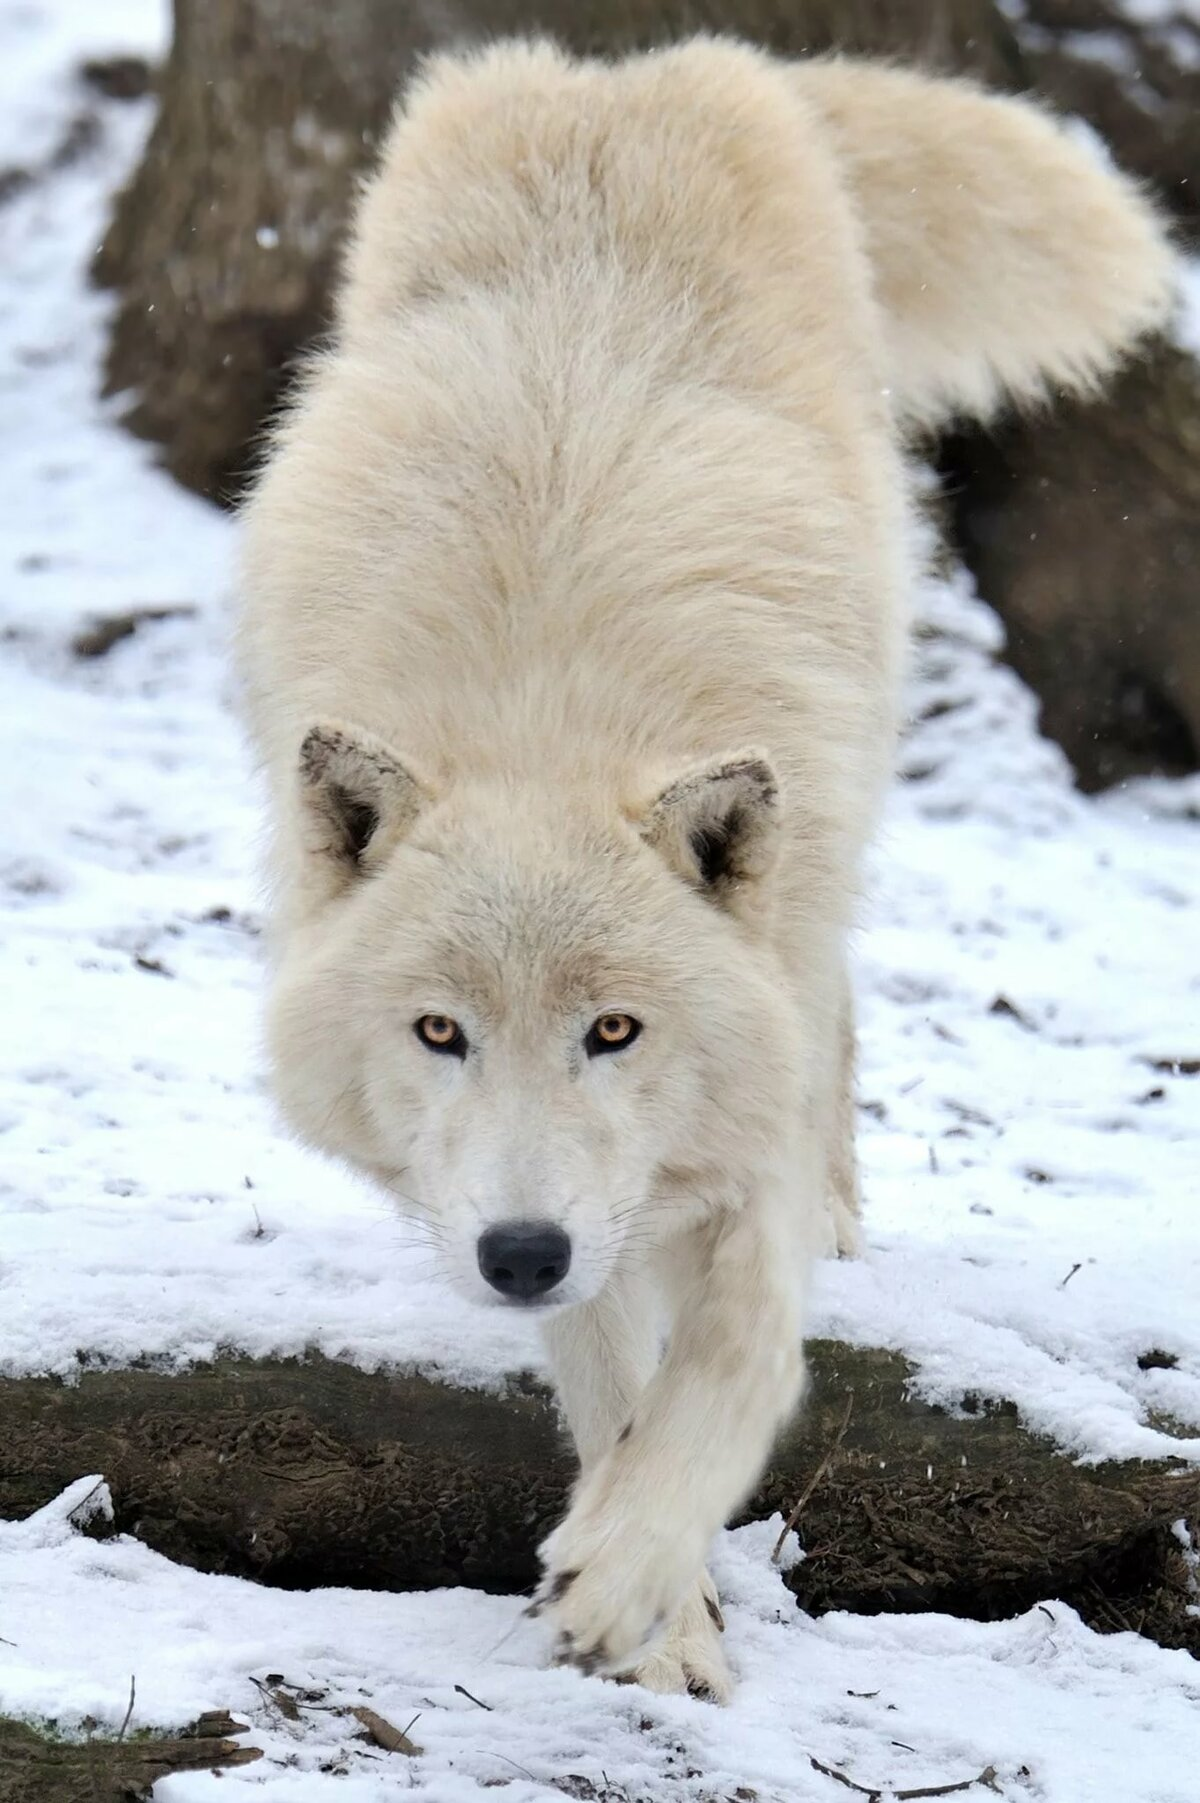 перекрытия картинки про белый волк стырено группы вк